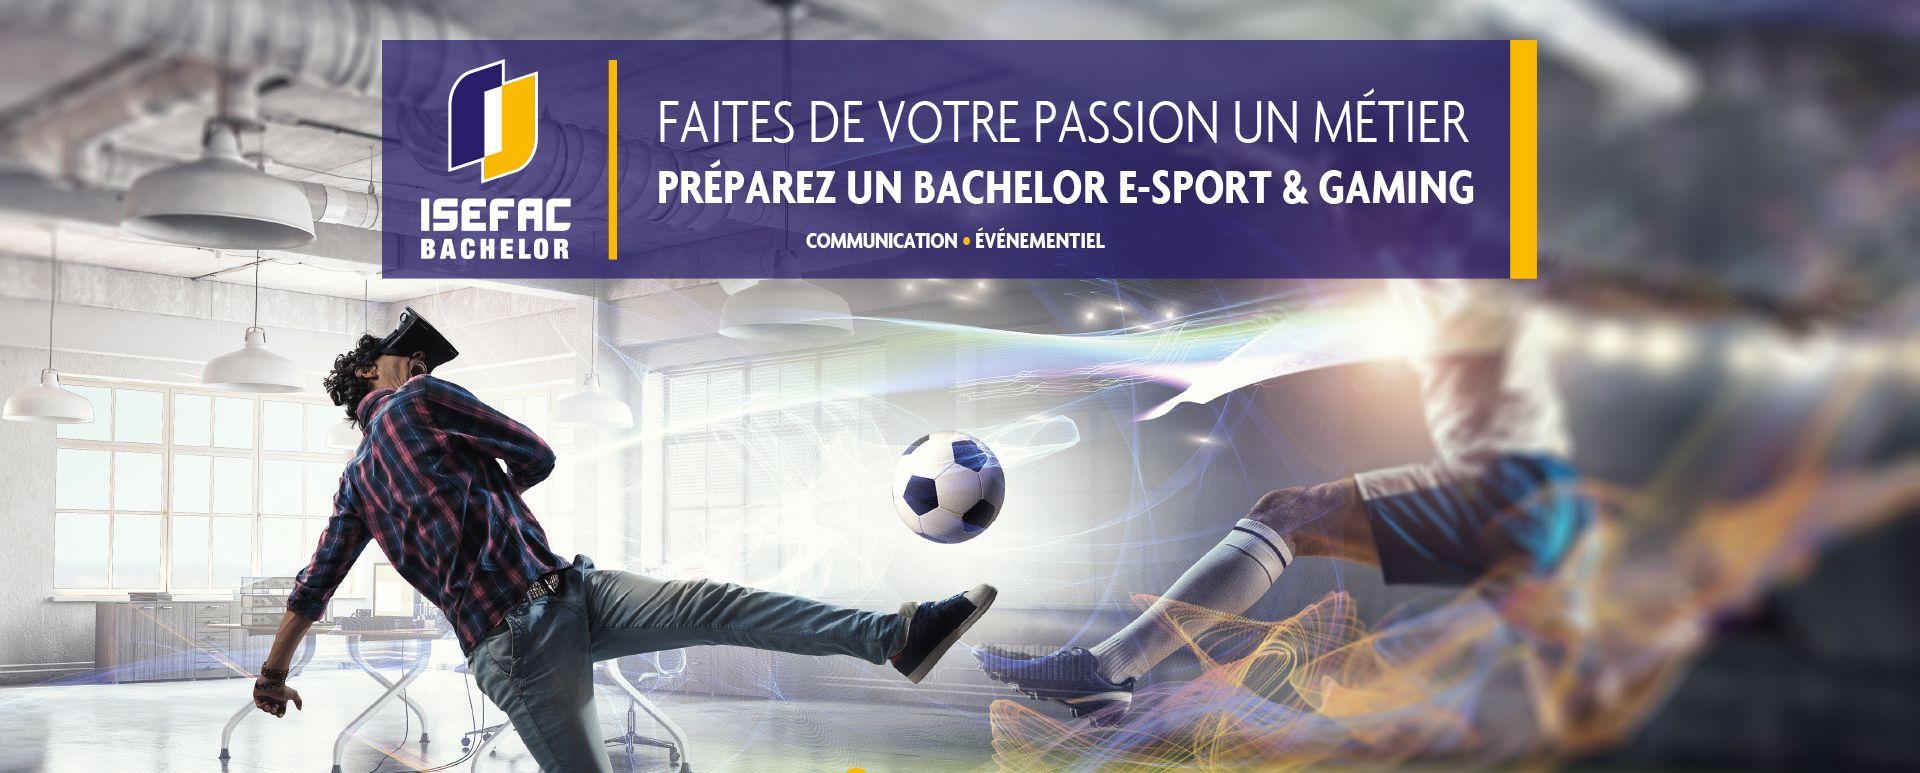 Le Bachelor 100% e-Sport & Gaming à la Paris Games Week